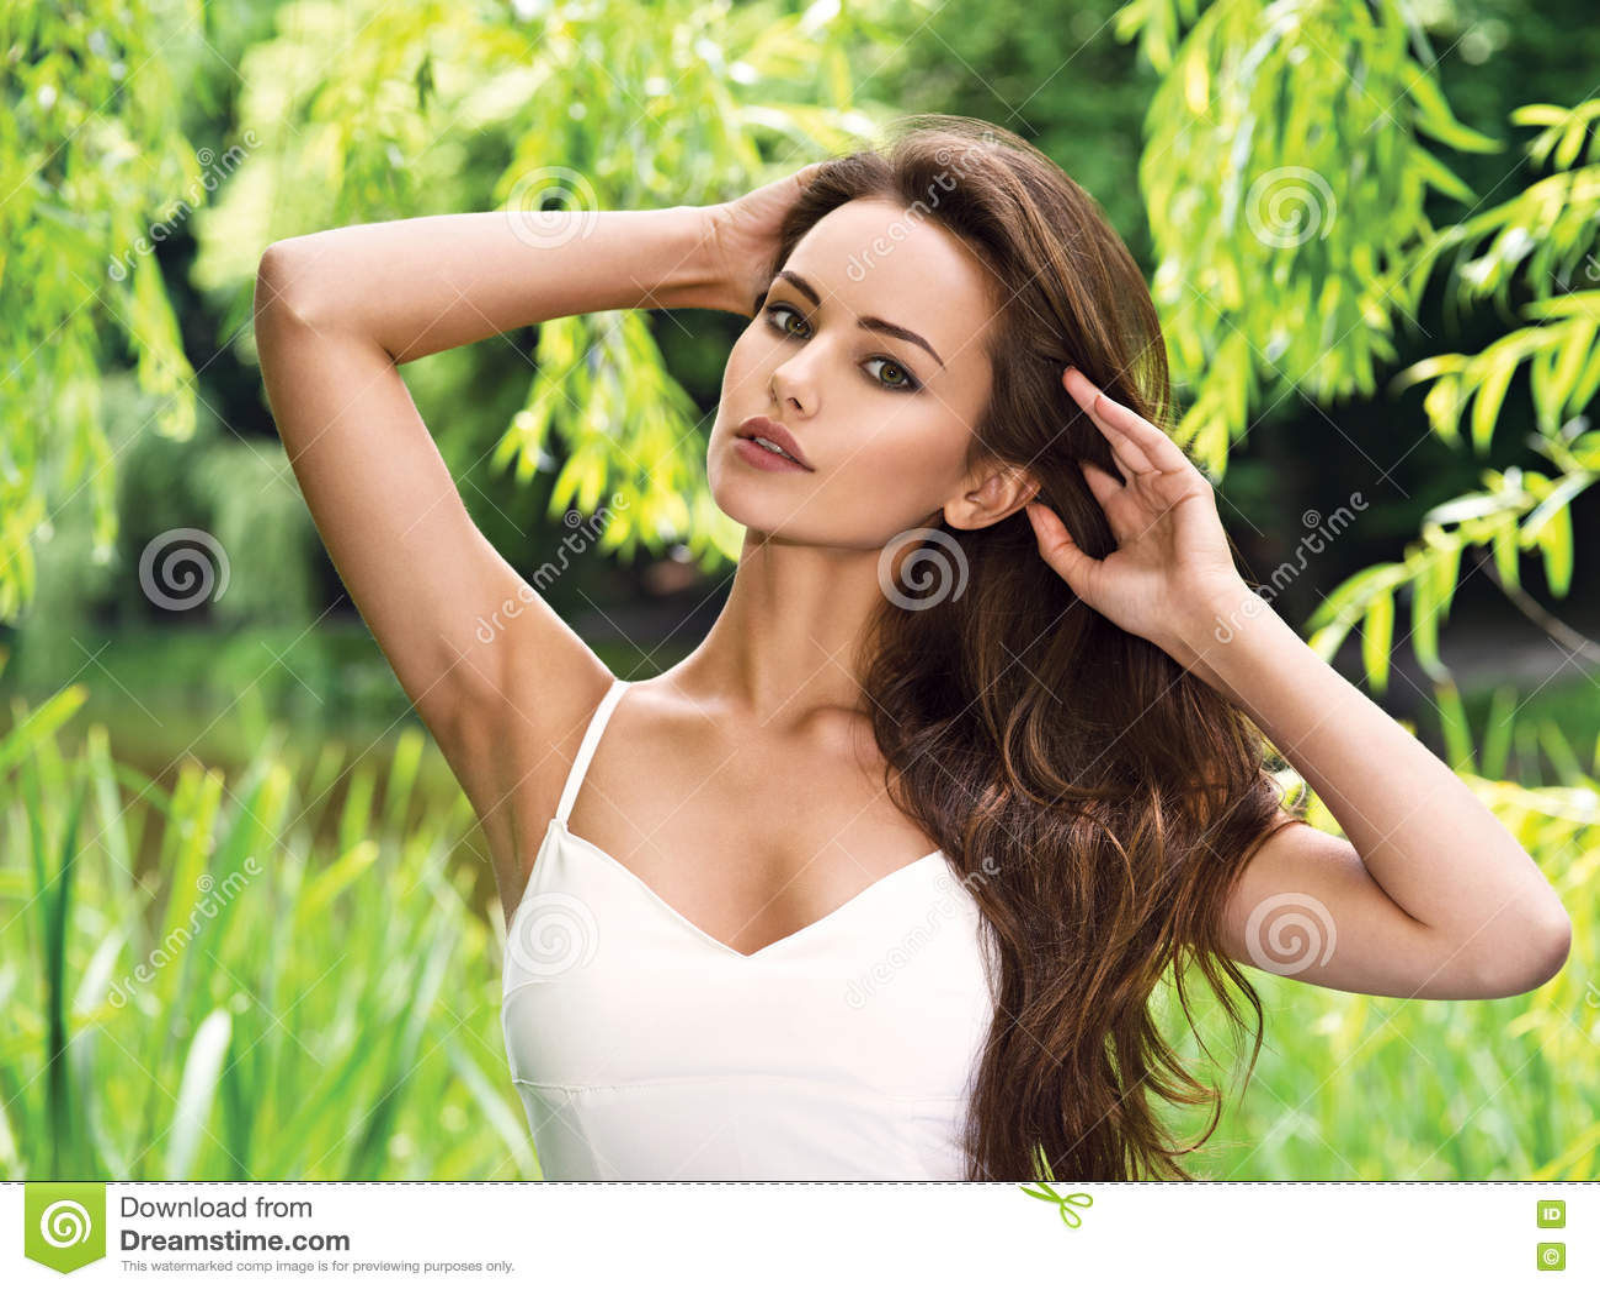 Jonge mooie vrouw met lange haren outdoors